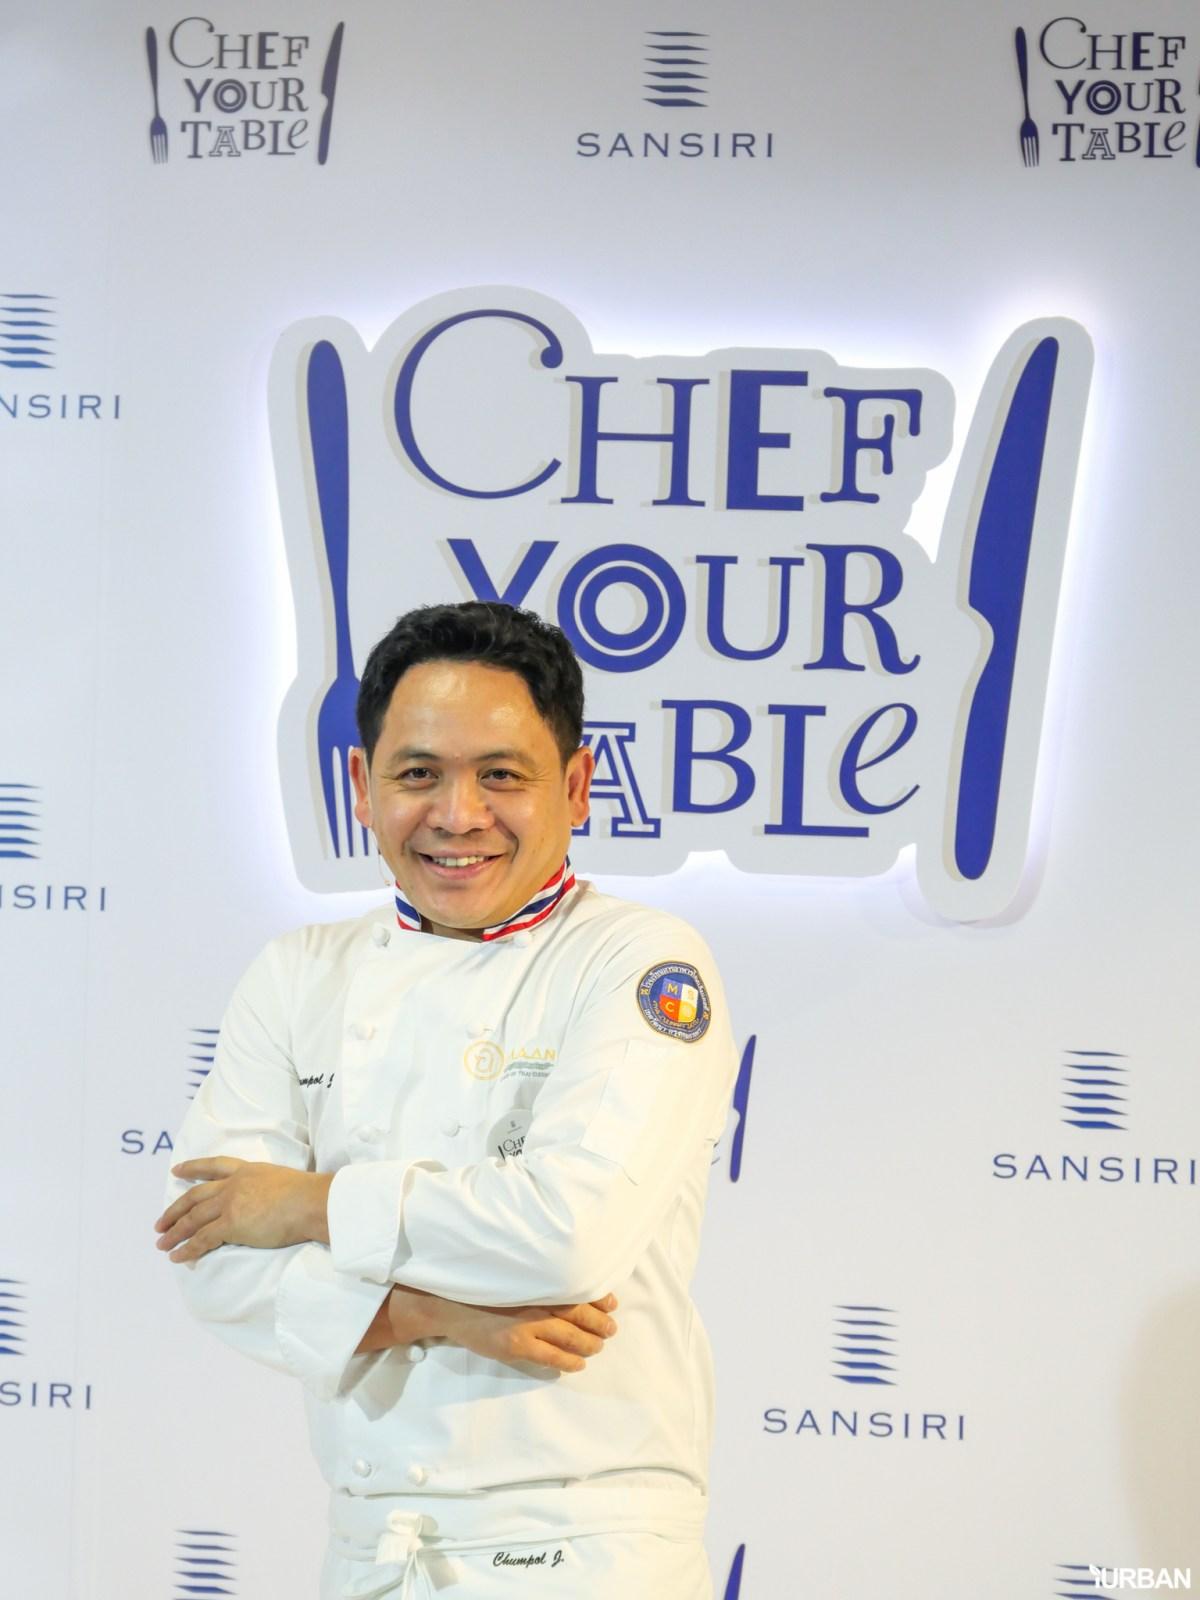 """สร้างช่วงเวลาสุดพิเศษไปกับ """"Sansiri Chef Your Table"""" ที่ให้คุณได้ลิ้มรสอาหารฝีมือเชฟระดับประเทศถึงบ้านคุณ! 43 - Chef"""